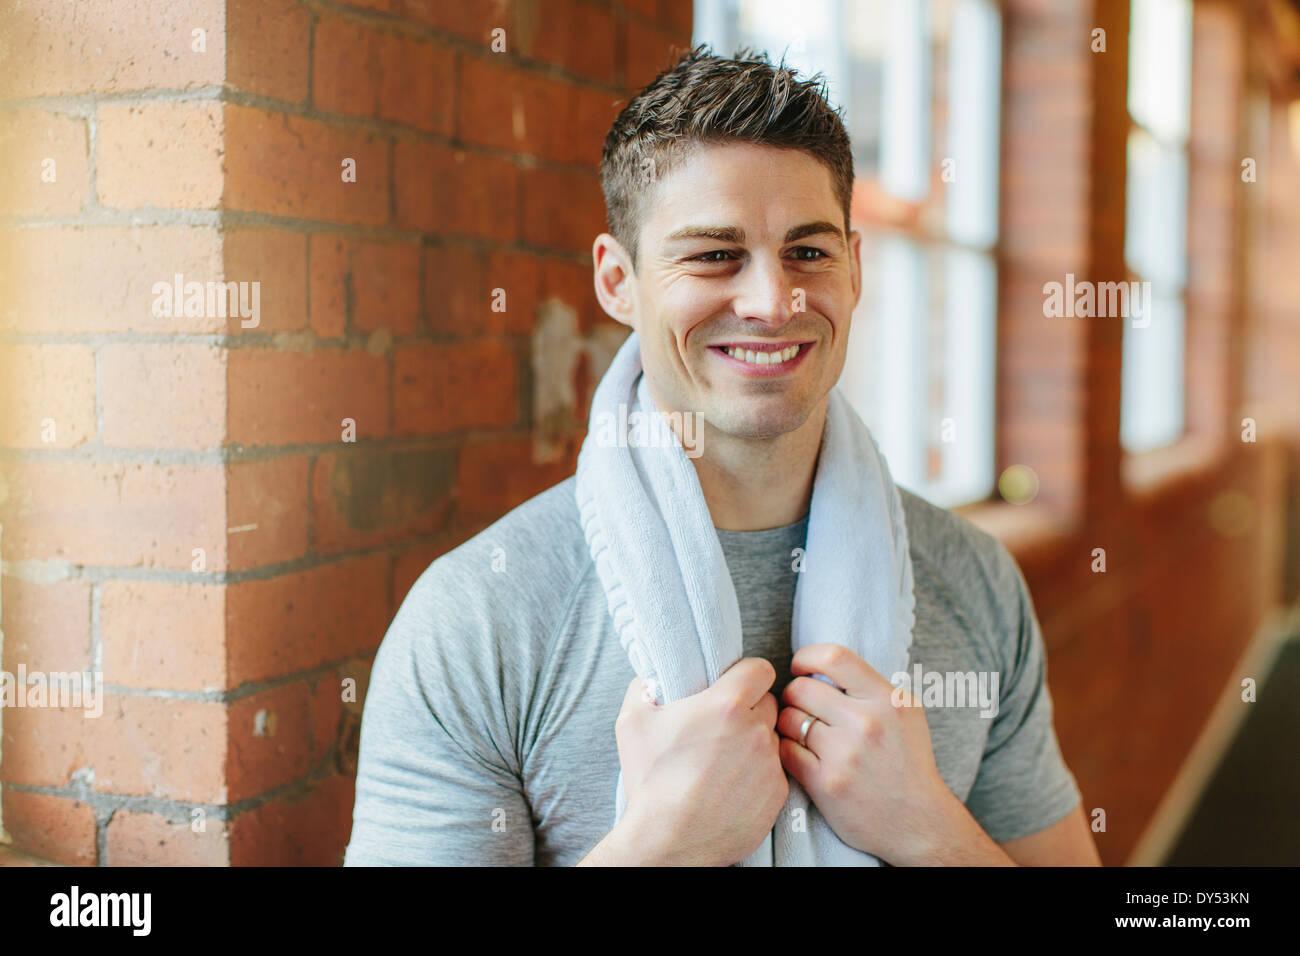 Uomo in palestra con asciugamano attorno al collo Immagini Stock